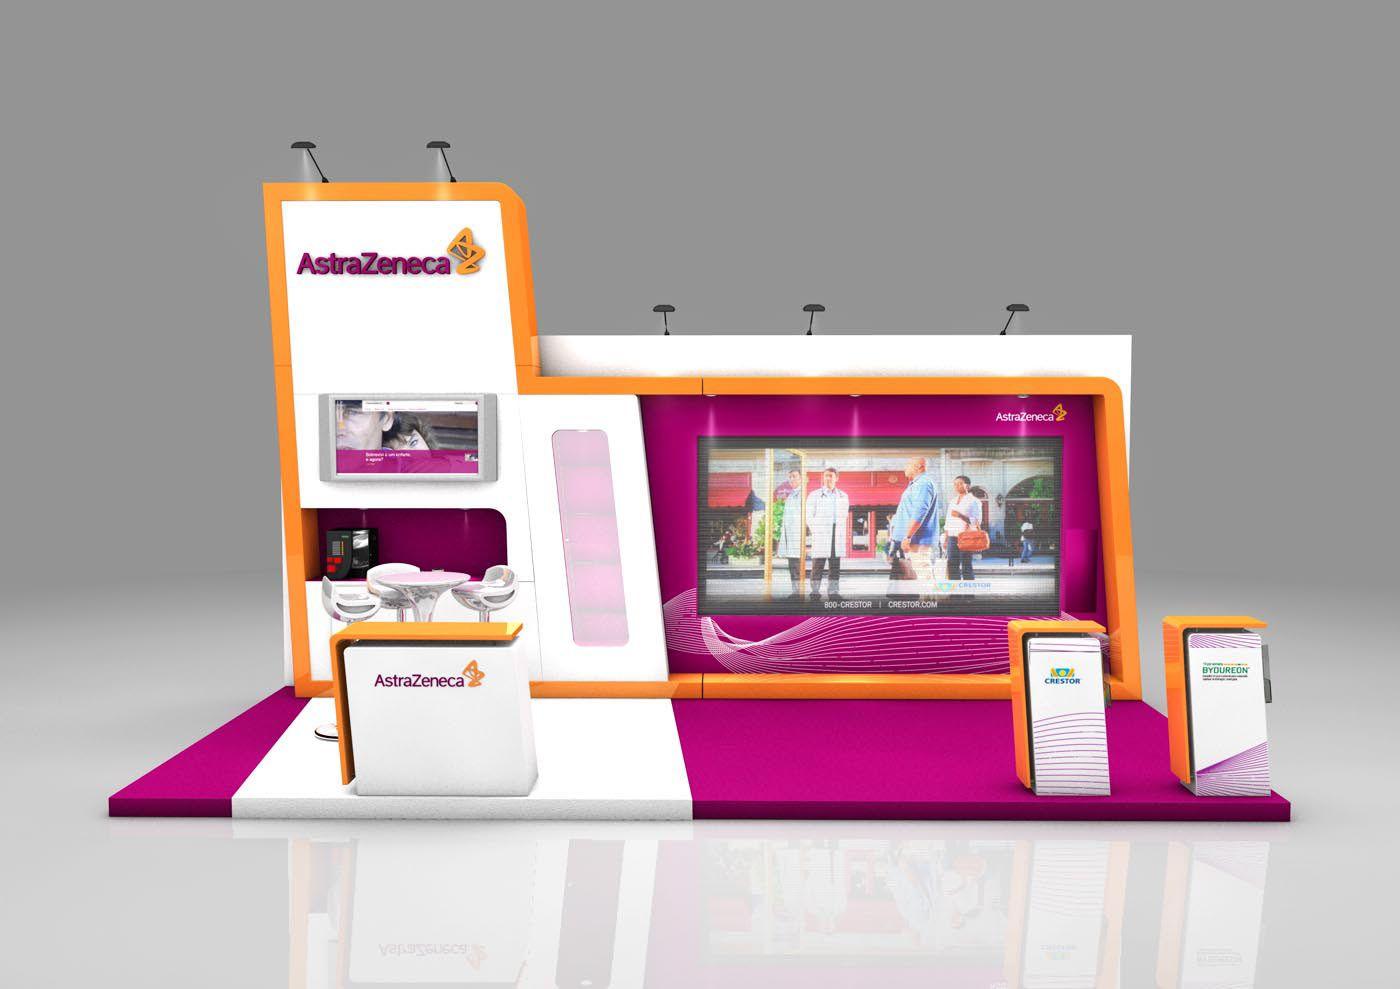 Astrazeneca Exhibition Booth On Behance Exhibition Booth Booth Design Booth Decor